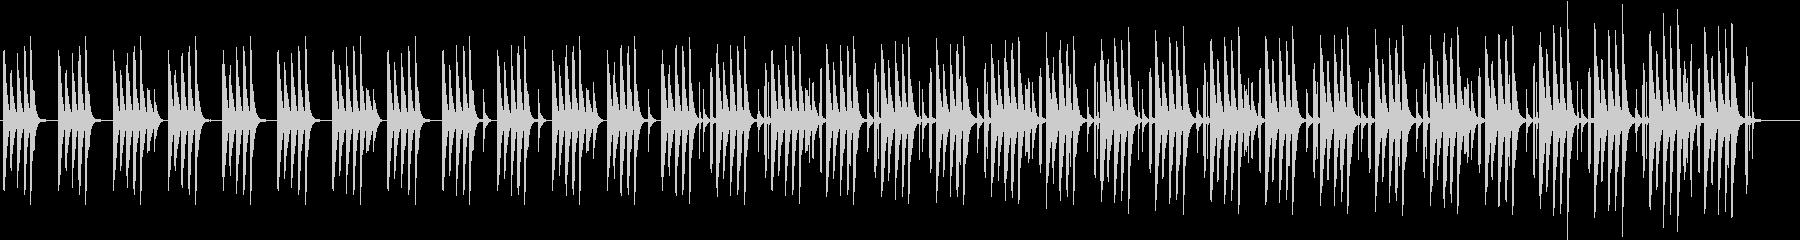 同じフレーズが続く木琴のかわいらしい曲の未再生の波形